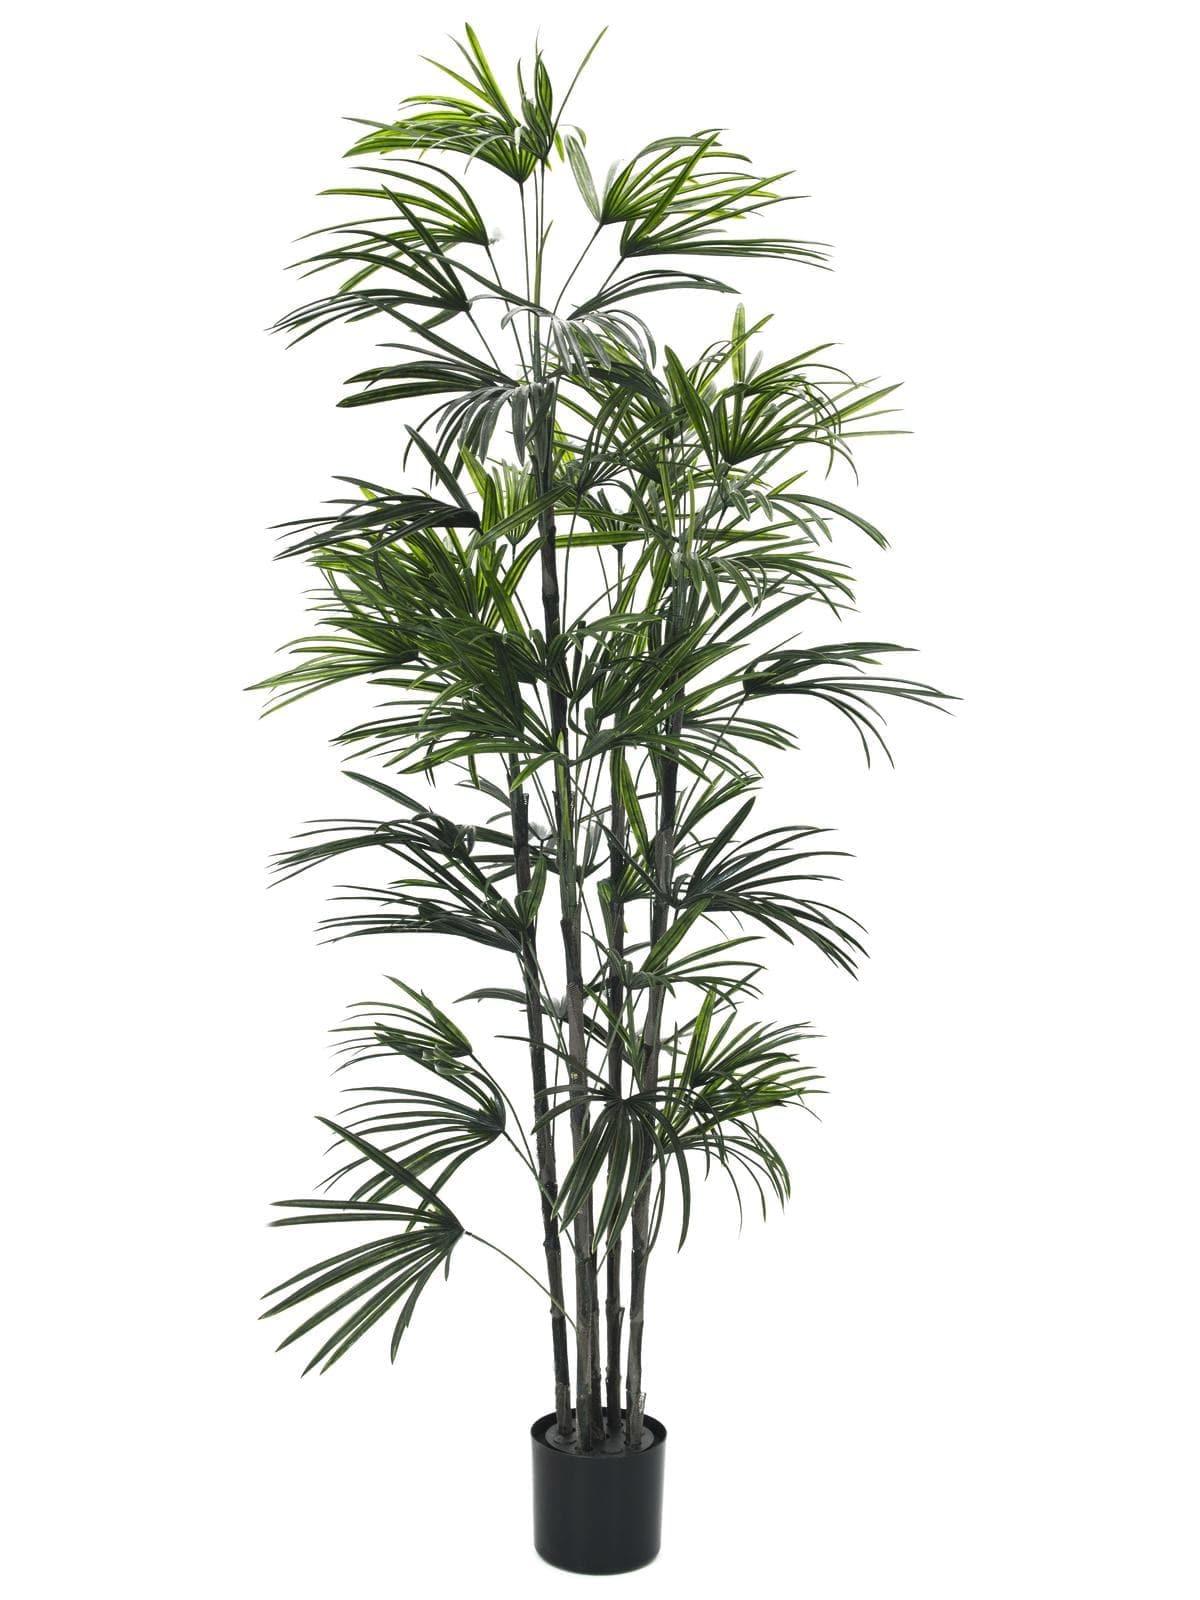 EUROPALMS Fan palm seedling, artificial plant, 150cm